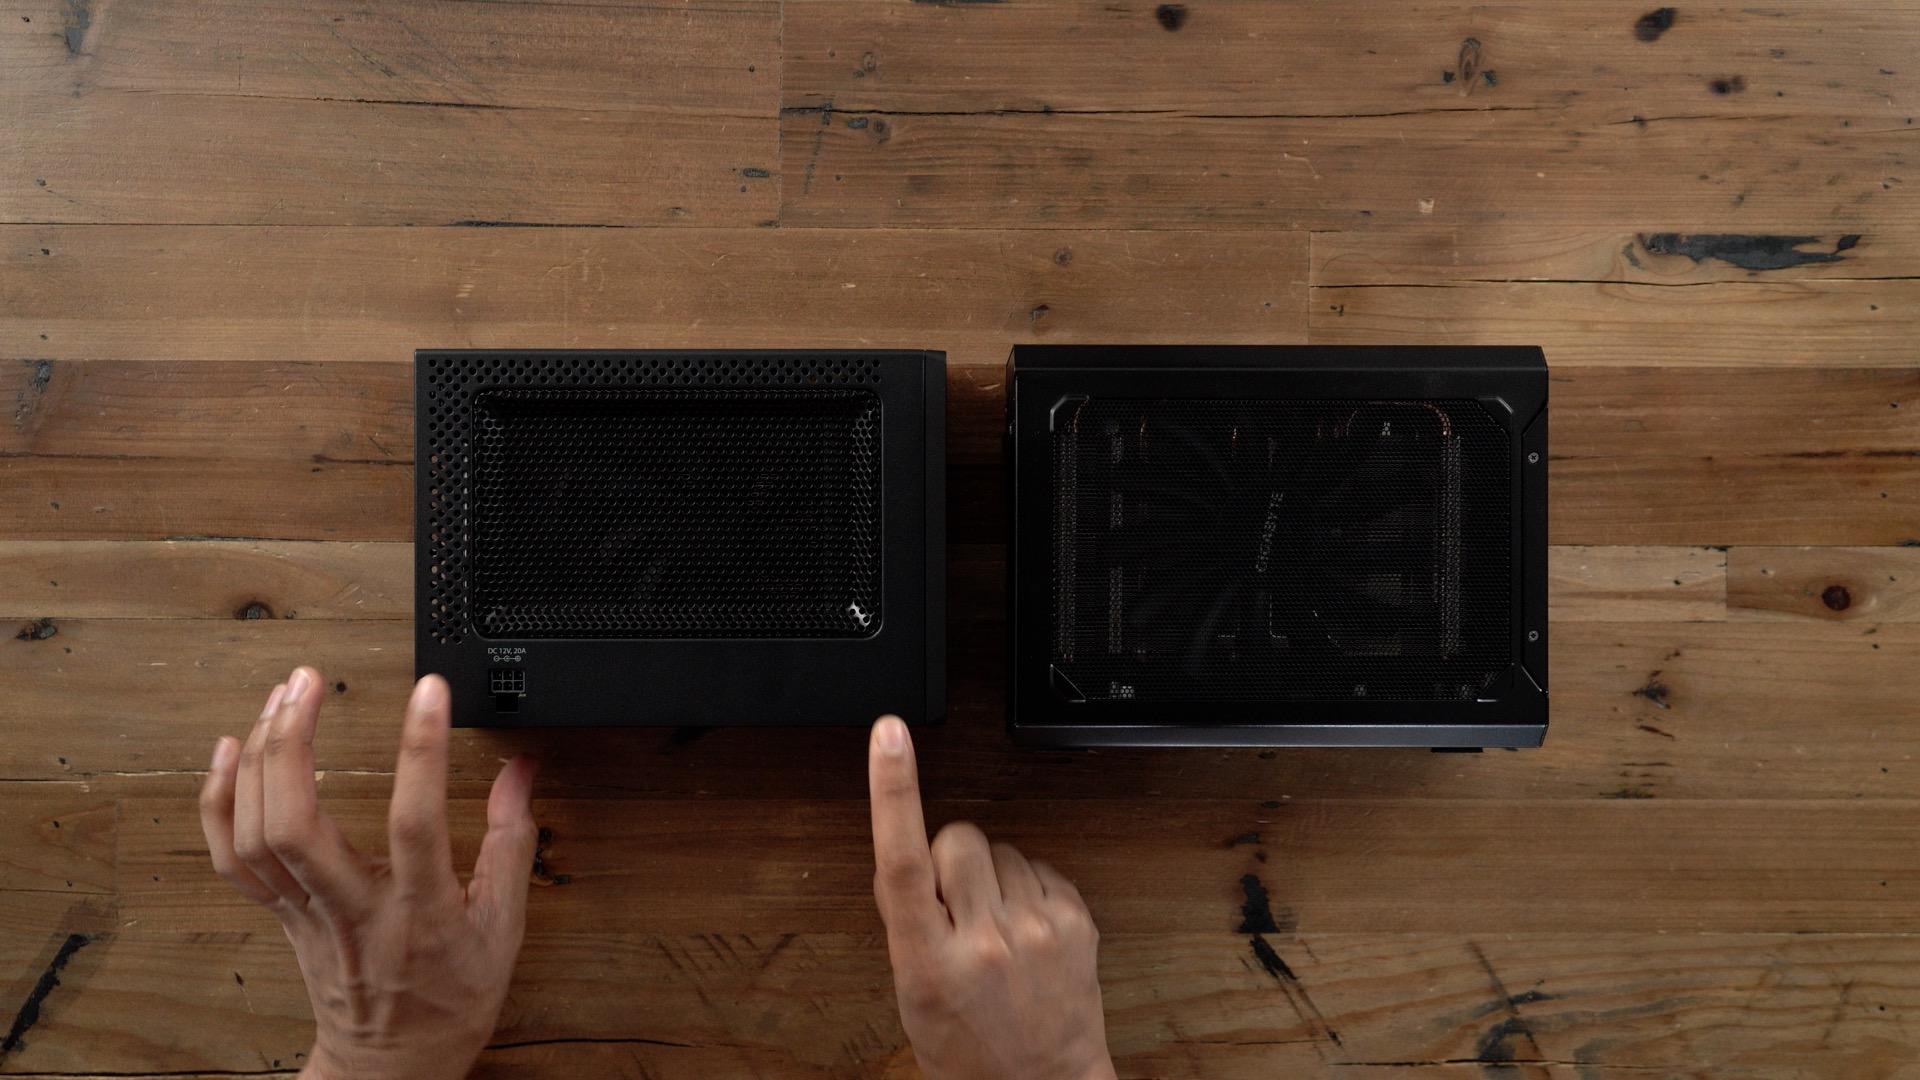 PowerColor Mini Pro eGPU RX 570 vs Gigabyte Gaming Box